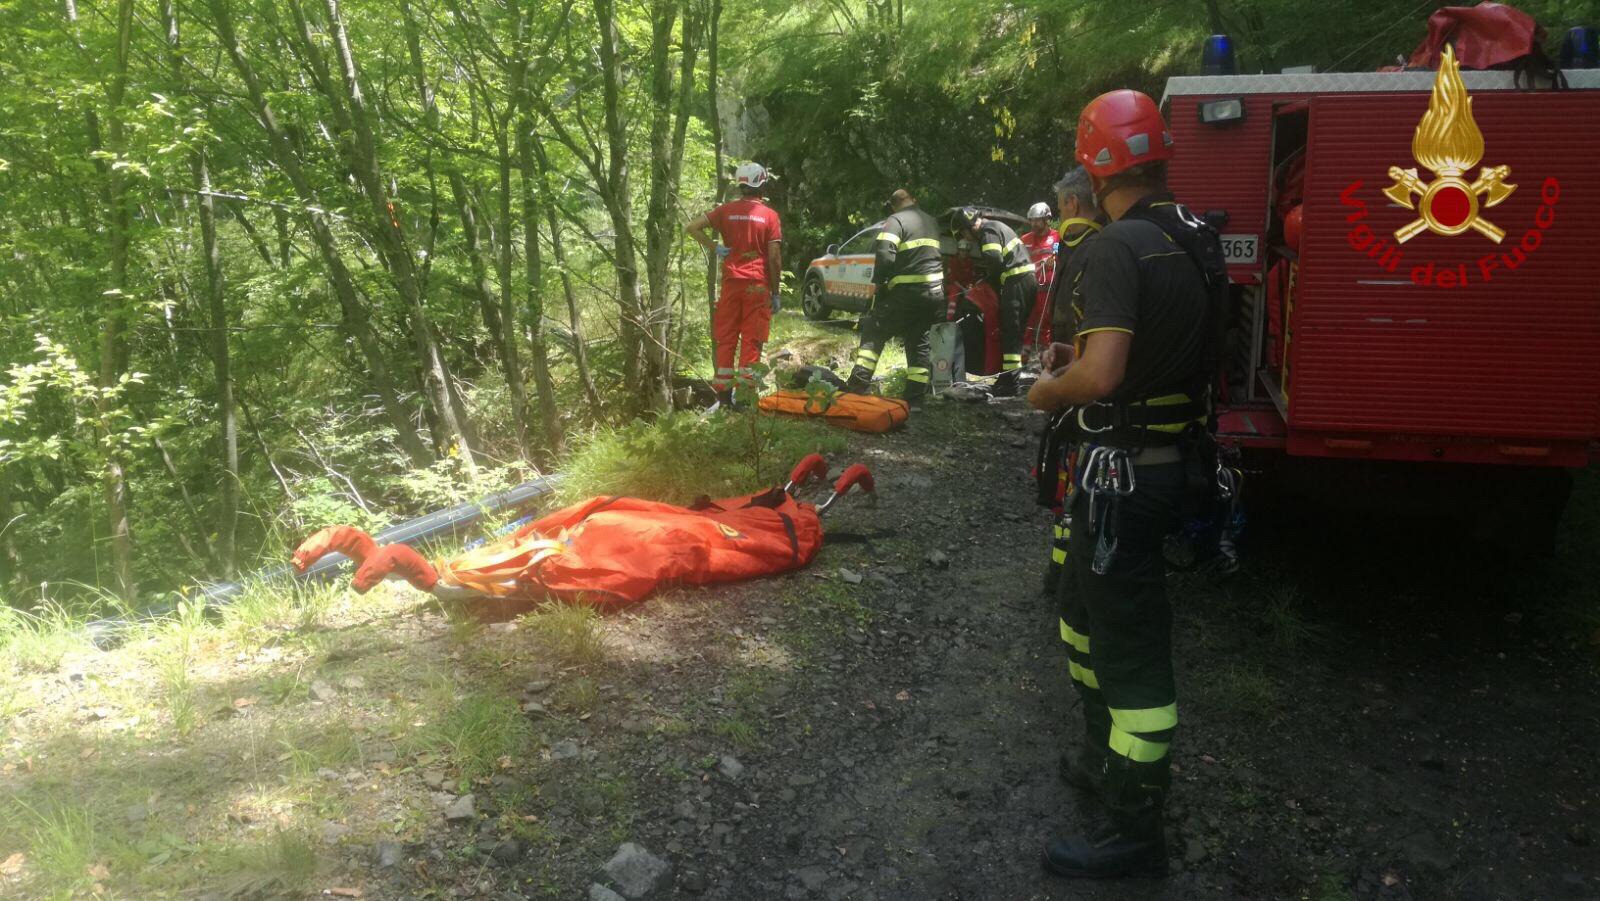 Cadono in una scarpata, feriti due motociclisti